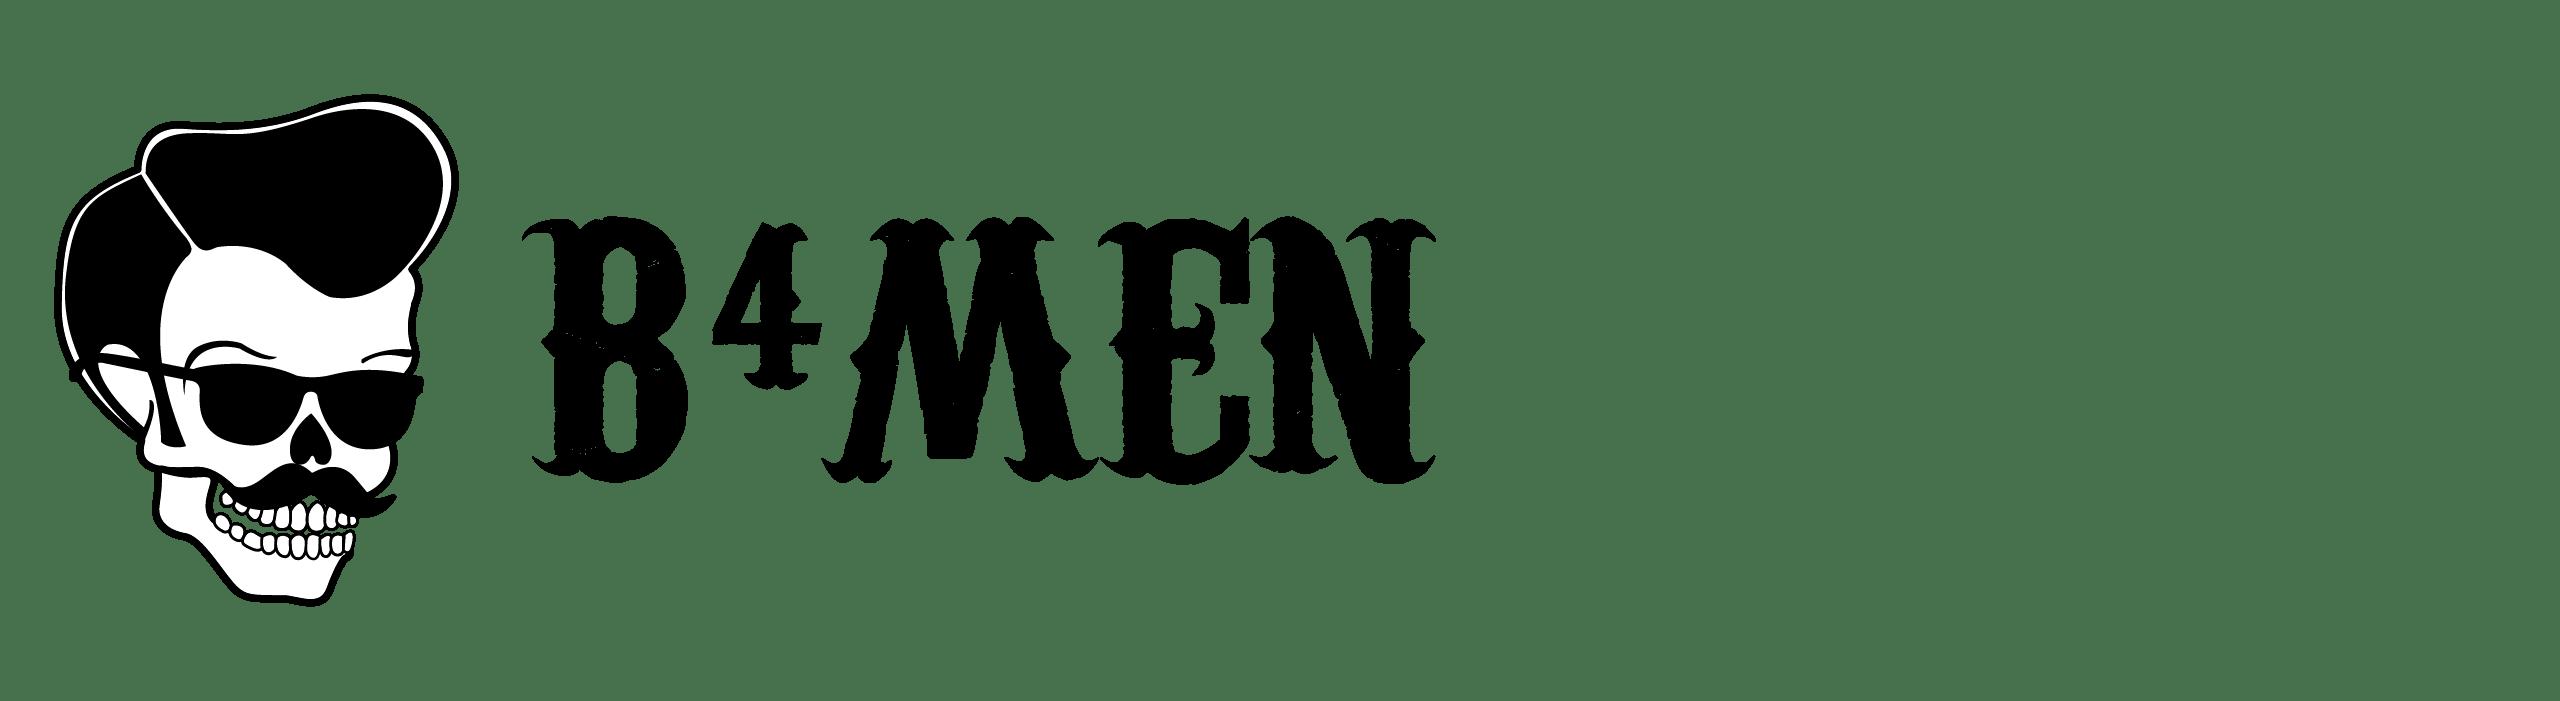 B4men Webshop